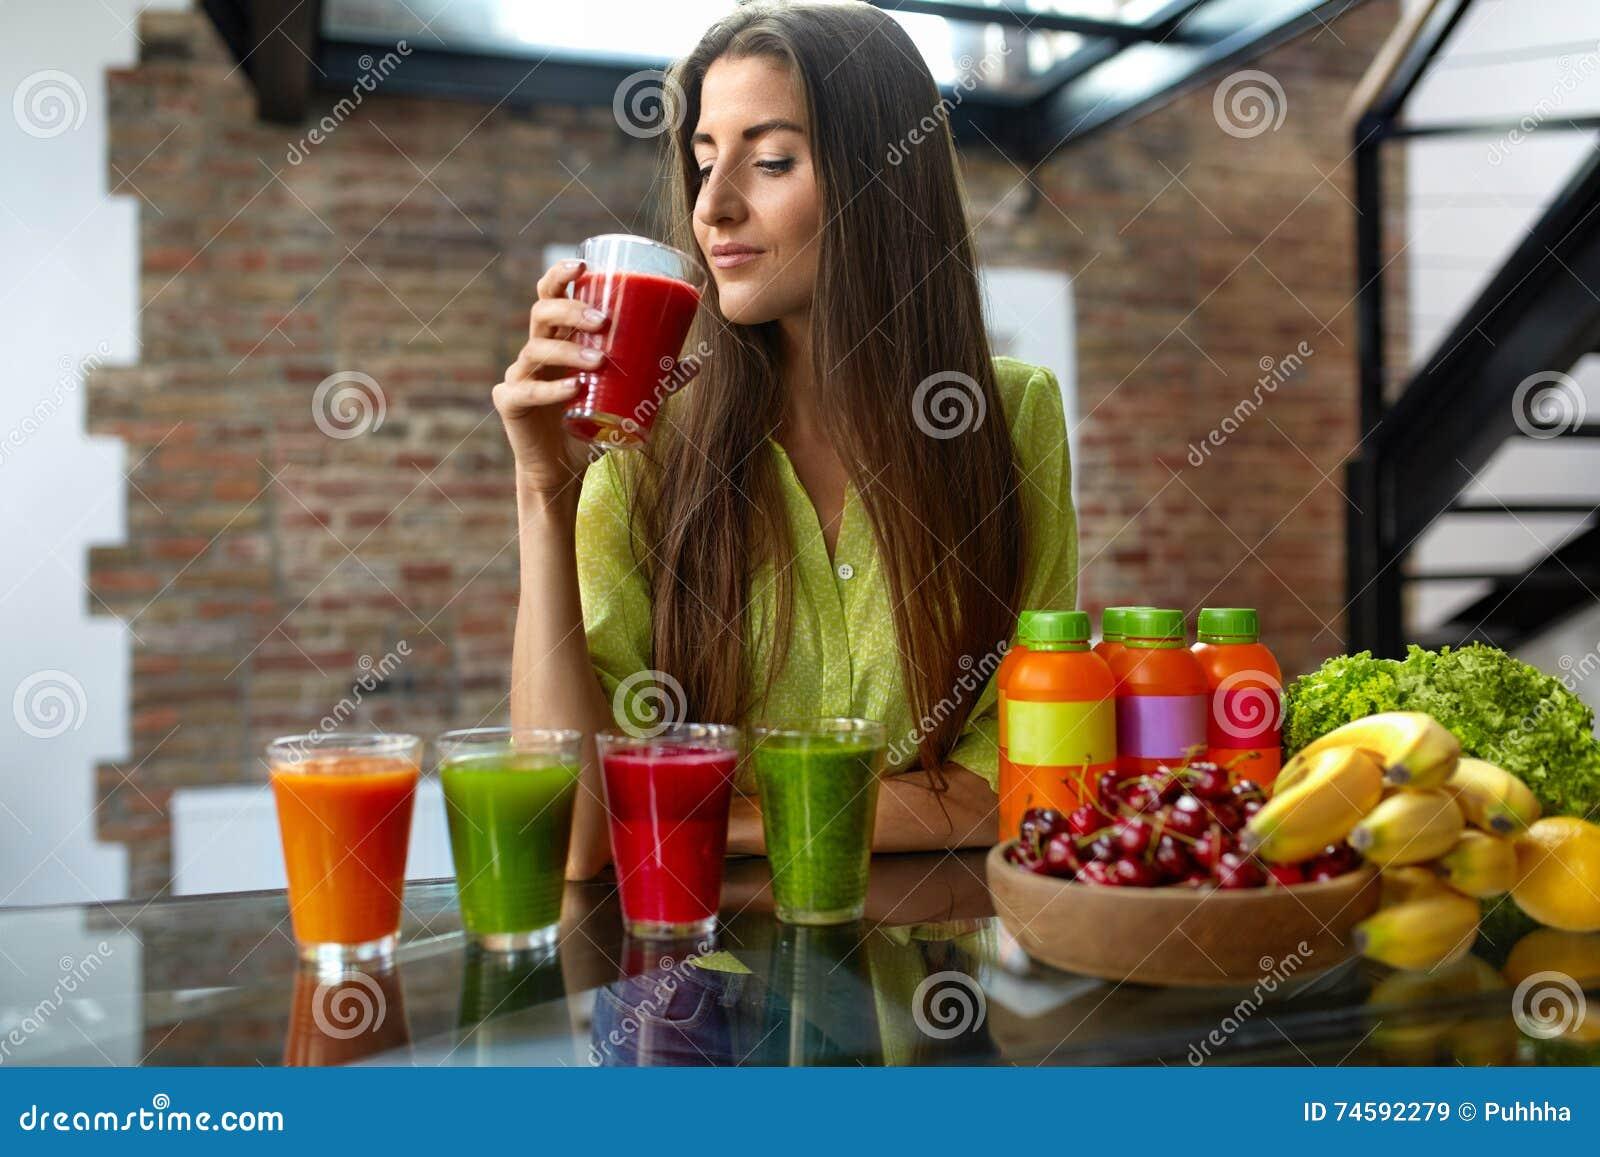 Sprawności fizycznej jedzenie, odżywianie Zdrowa łasowanie kobieta Pije Smoothie